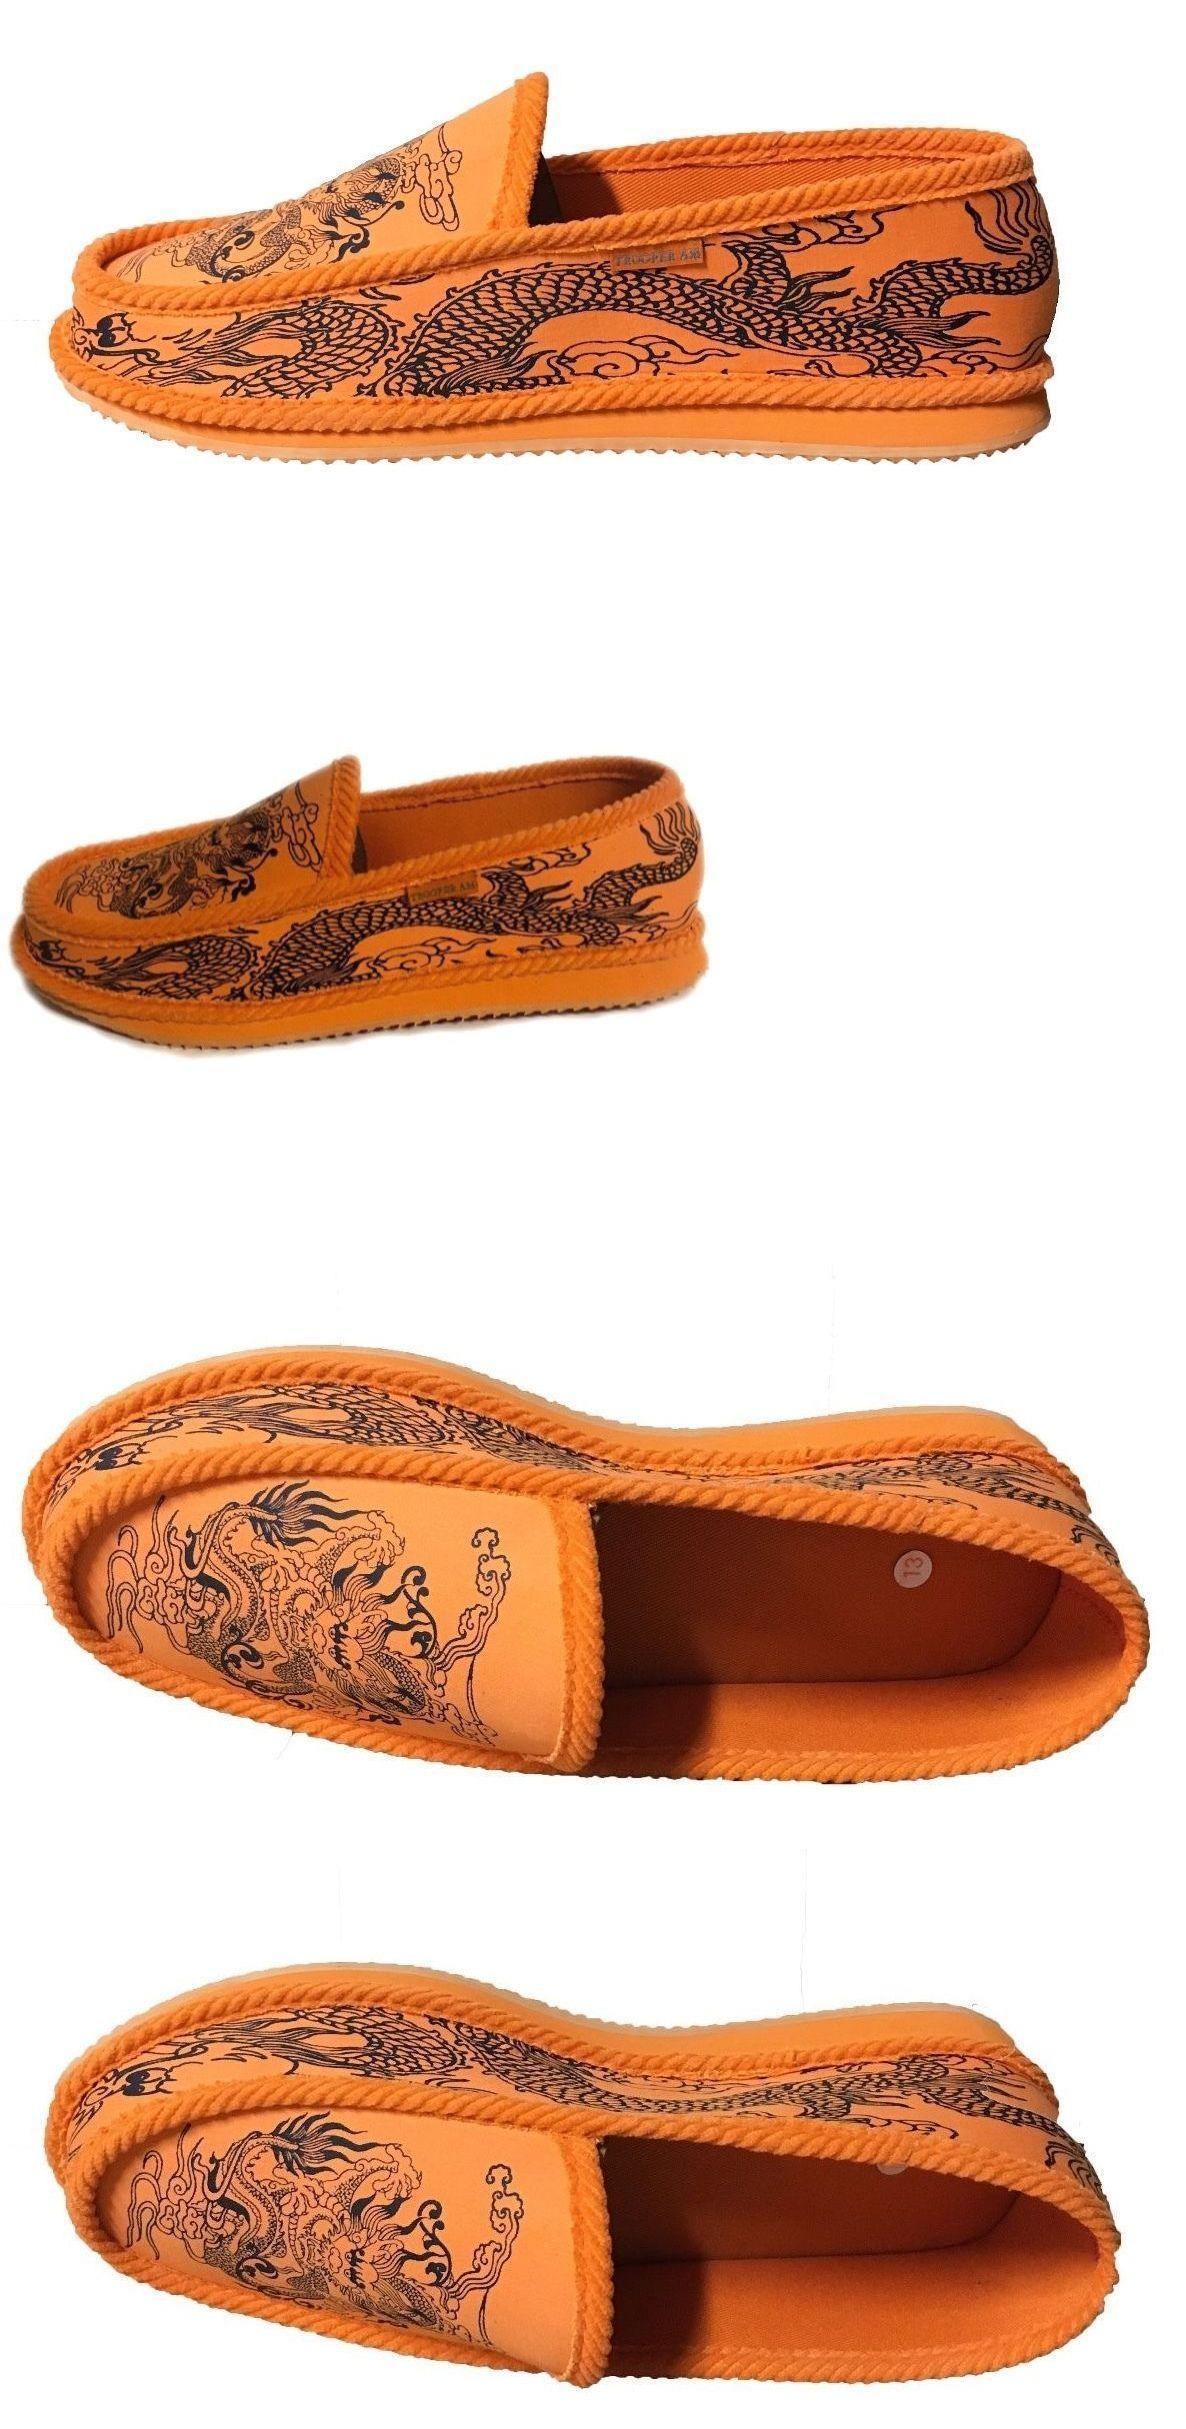 16cb9697439 Slippers 11505: Brand New Trooper Men S Slippers Slip-On House Shoes ...